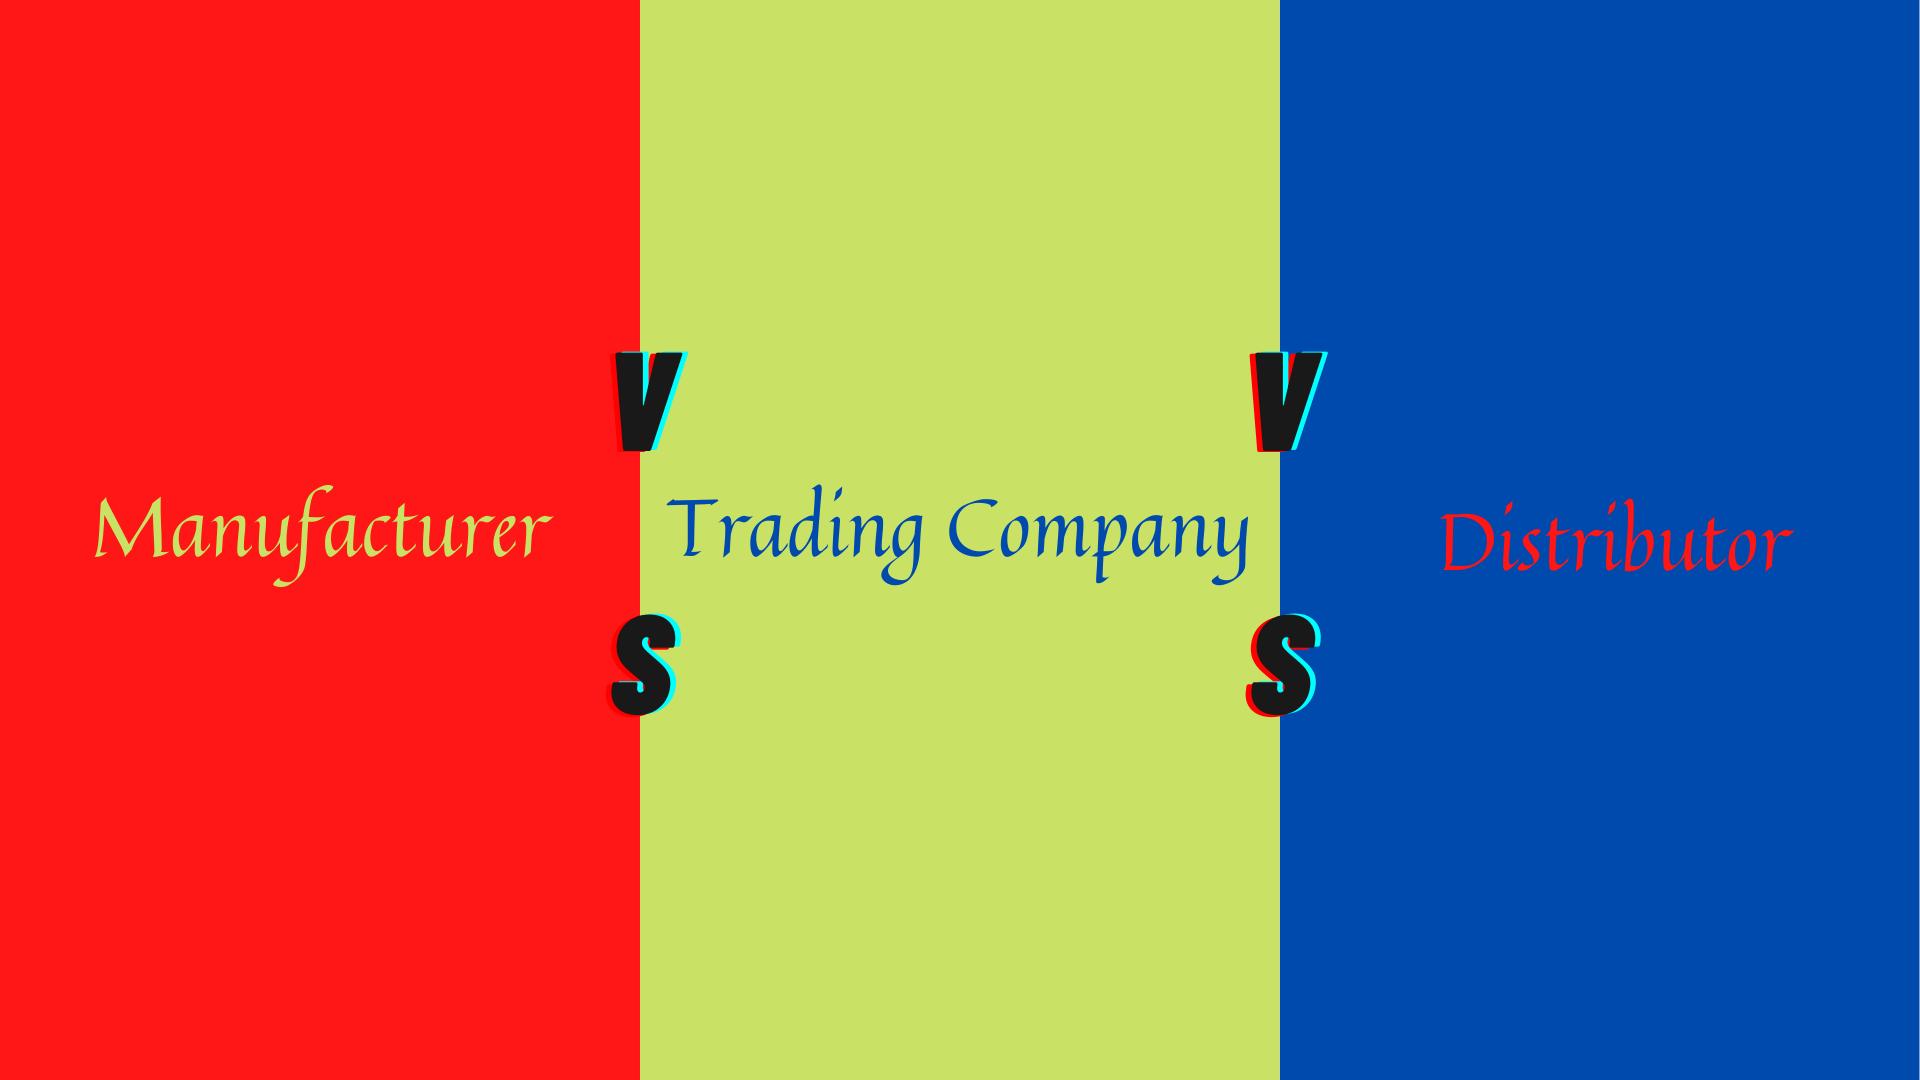 manufacturer vs trading company vs Distributor